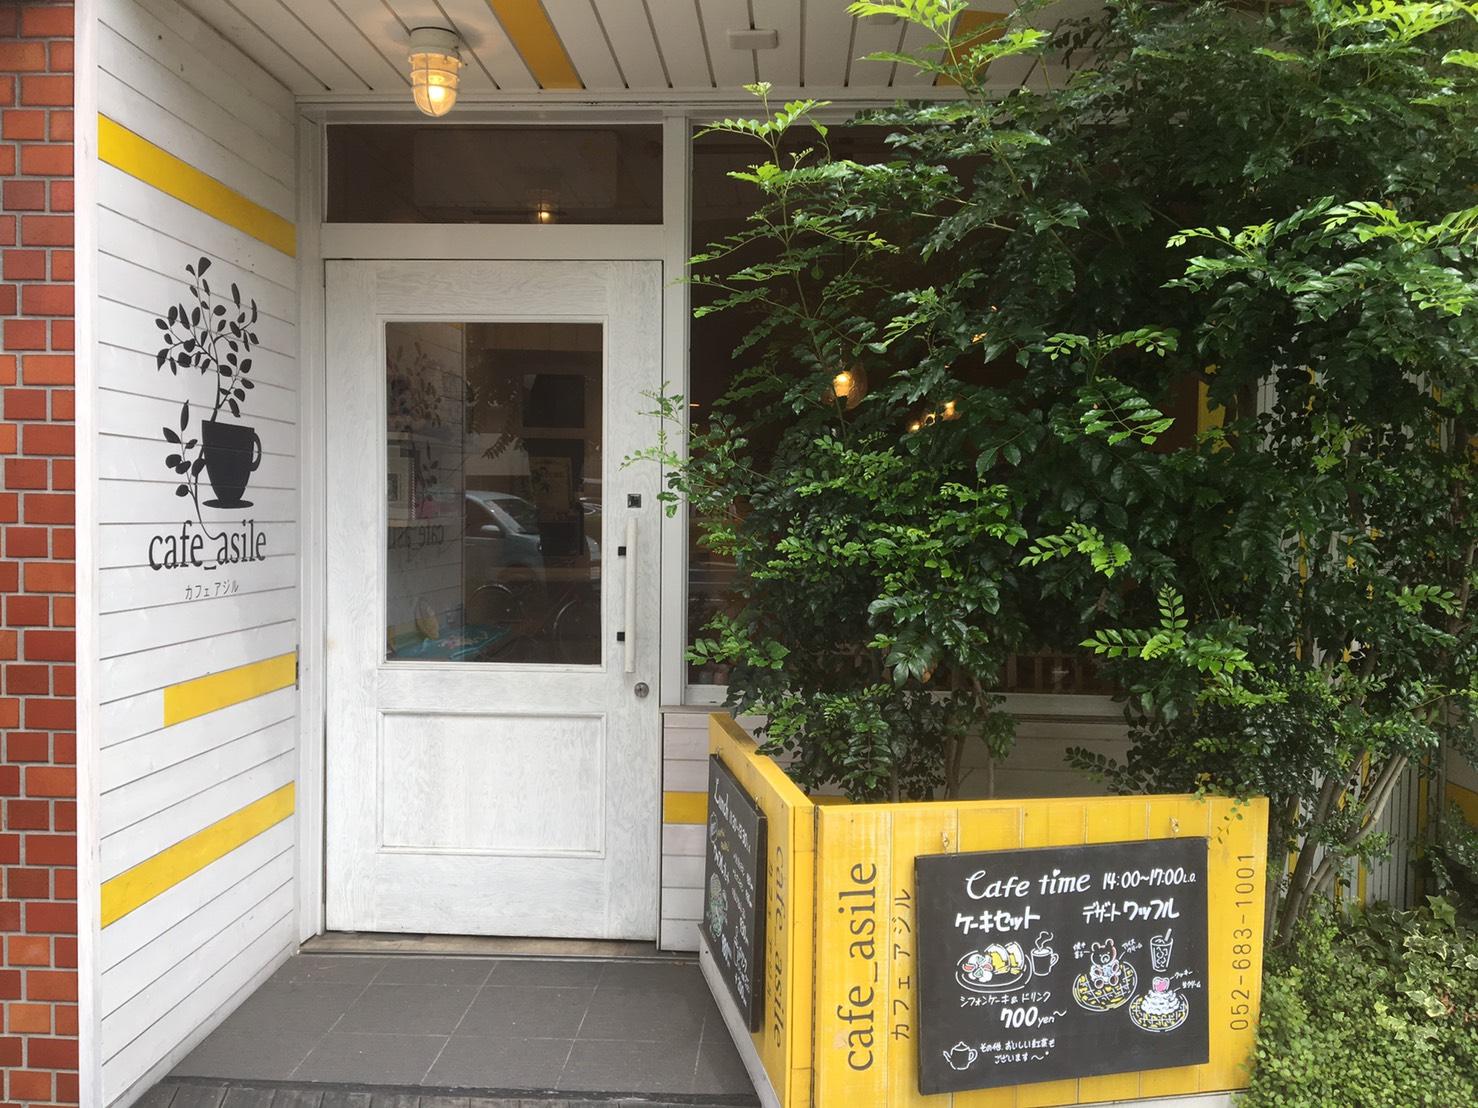 Googleストリートビュー屋内版撮影 茶房 cafe asile